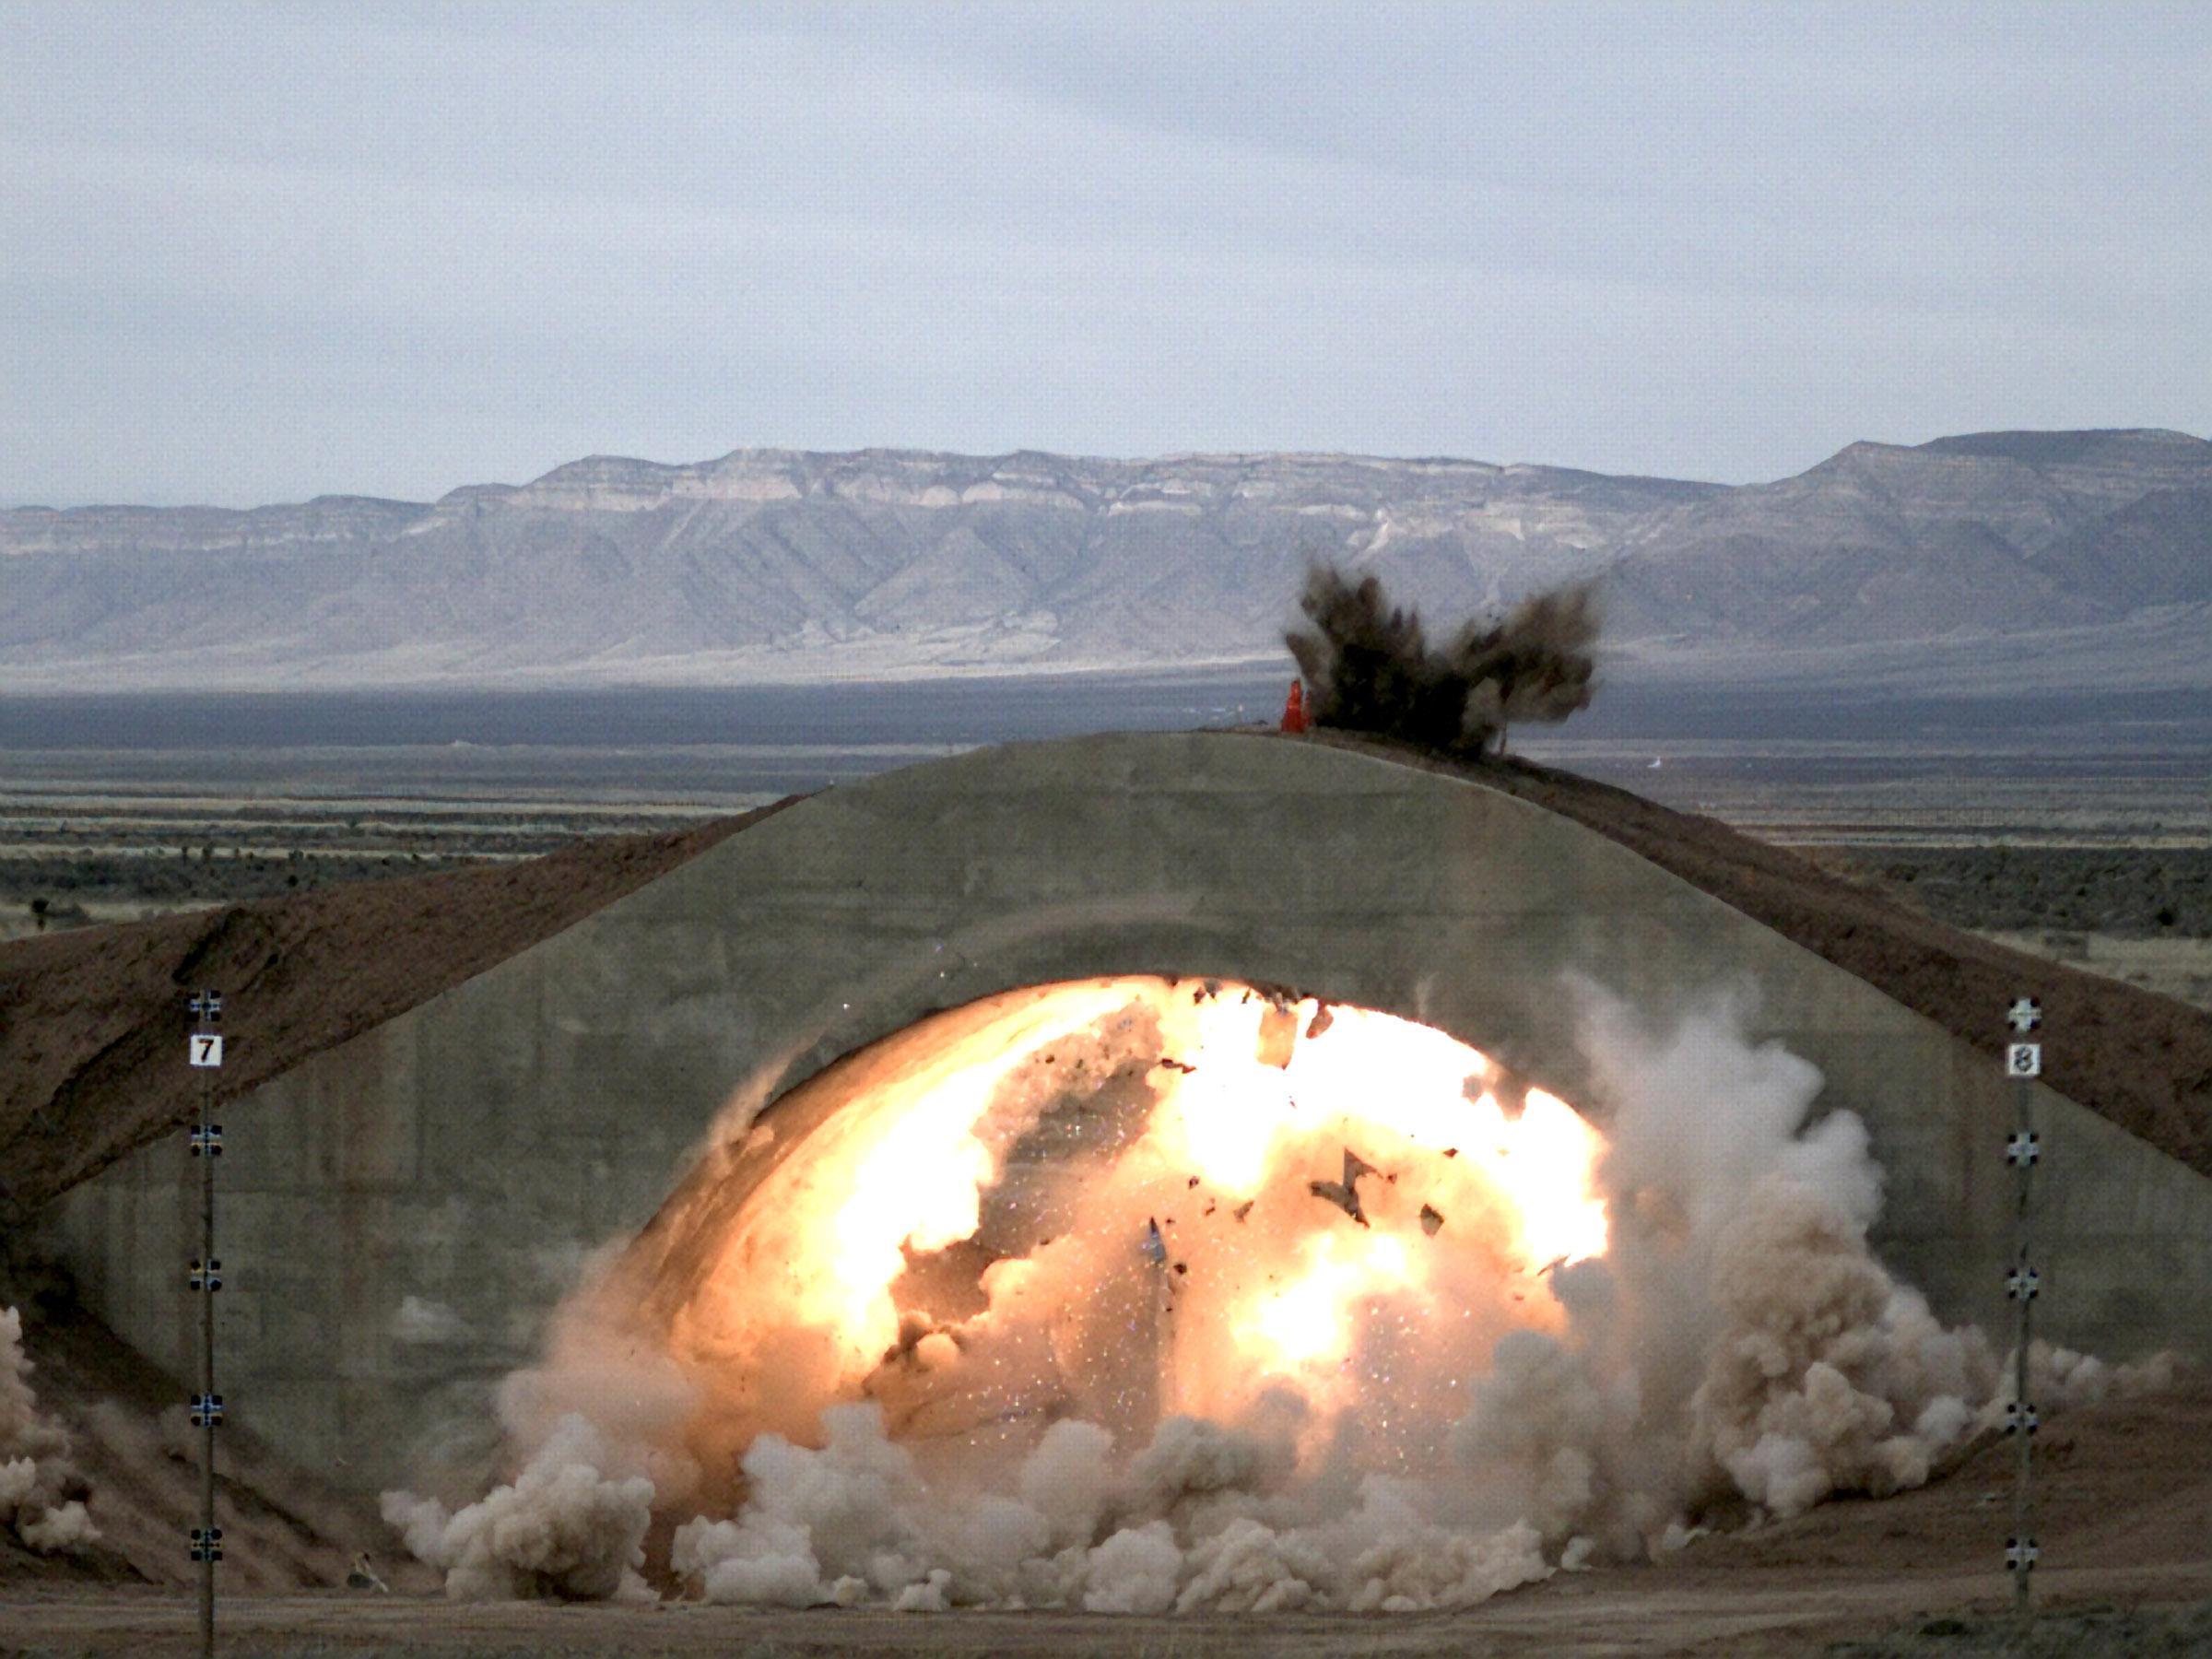 http://www.aereo.jor.br/wp-content/uploads//2018/01/small-diameter-bomb-2.jpg